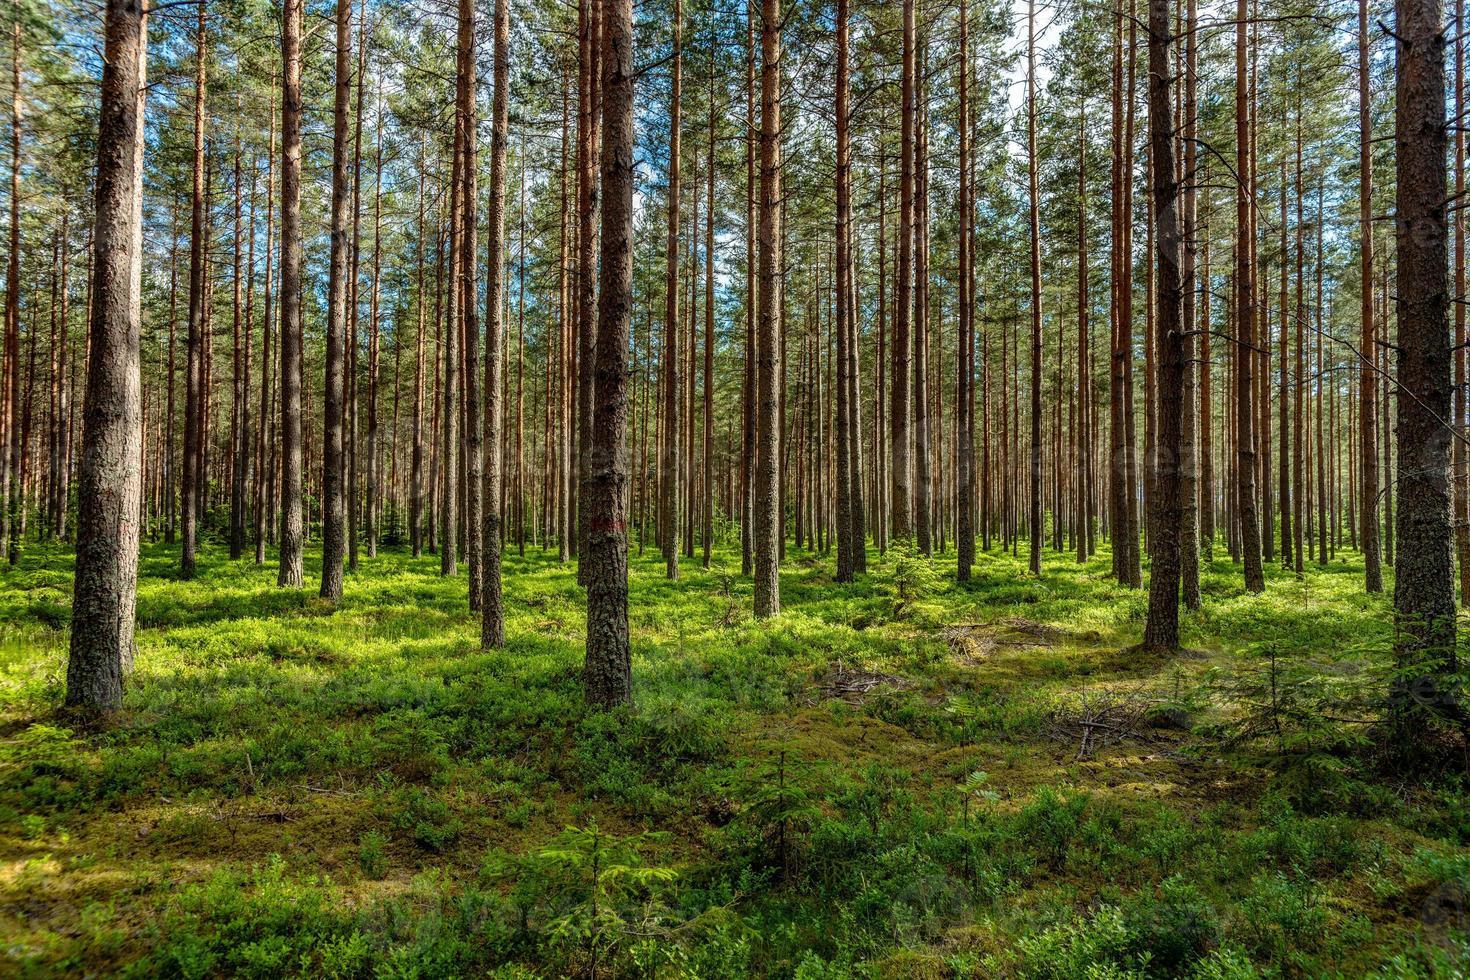 Forêt de pins verts luxuriants au soleil photo